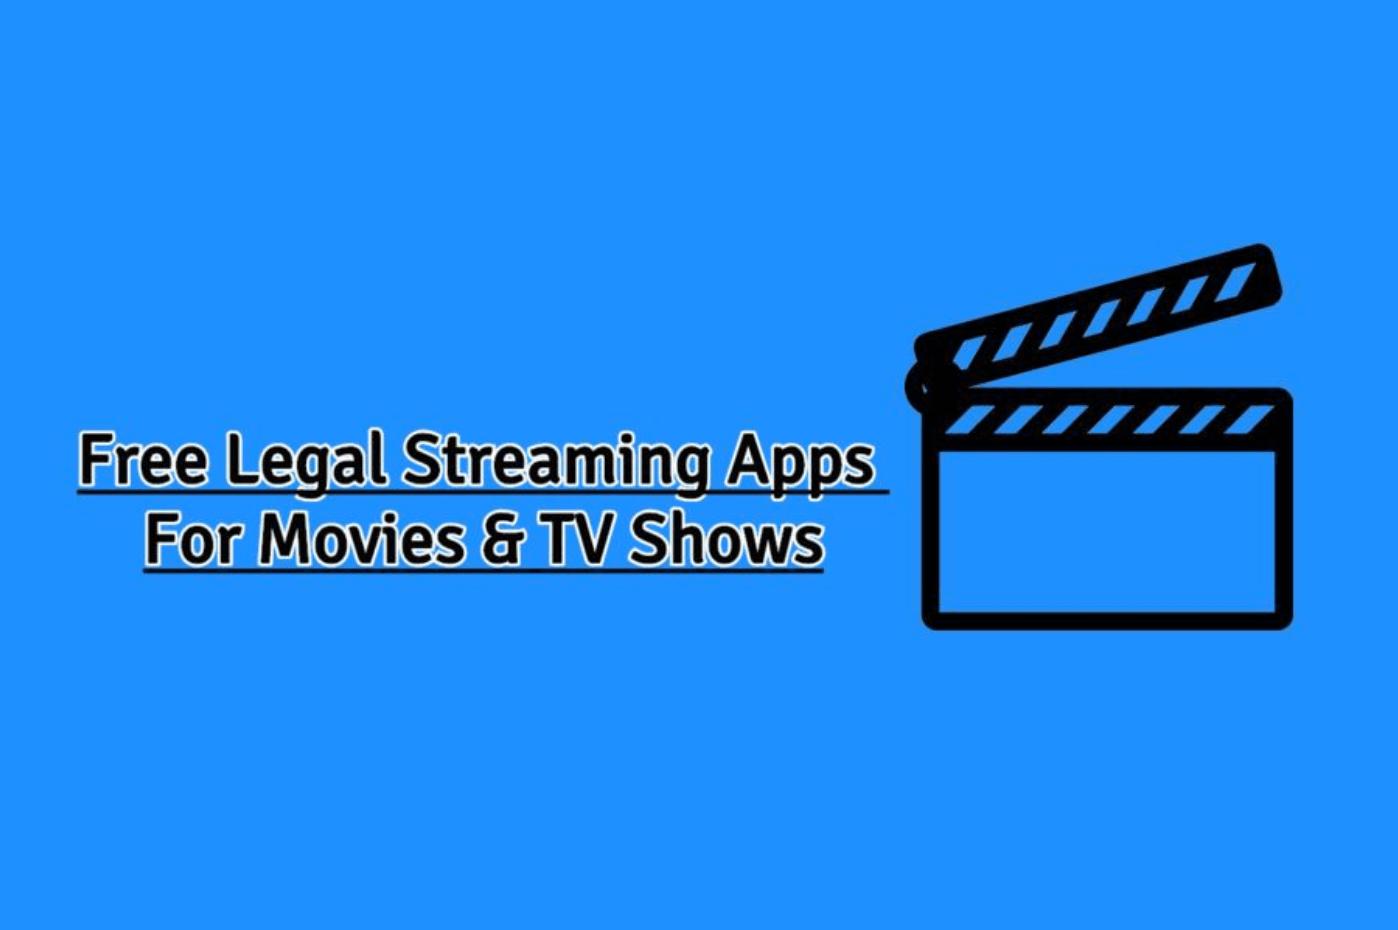 تحميل أفضل تطبيقات مشاهدة الأفلام والبرامج التلفزيونية مجانَا